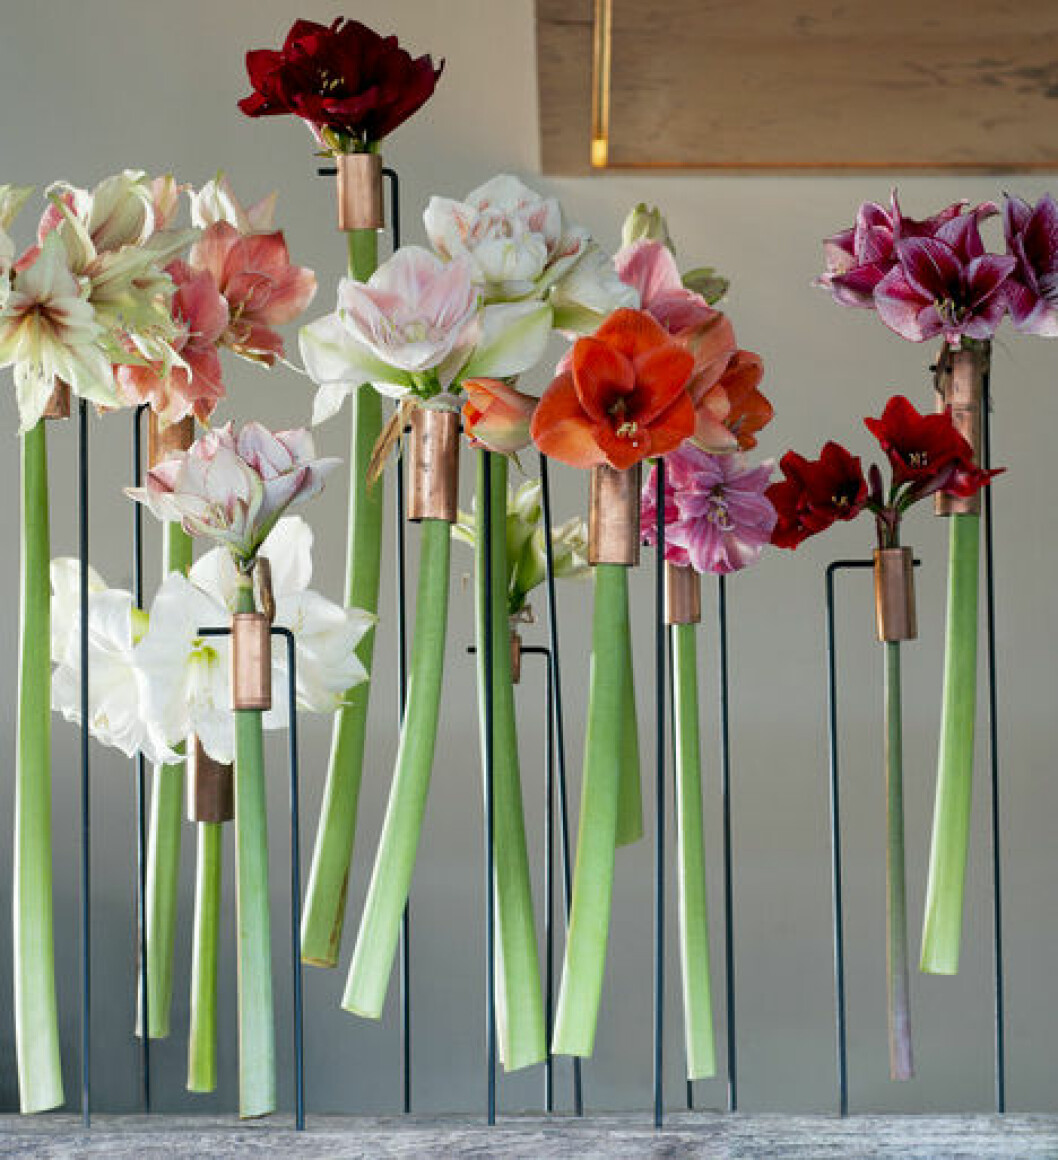 Amaryllis i olika färger hängandes i små vaser på rad.